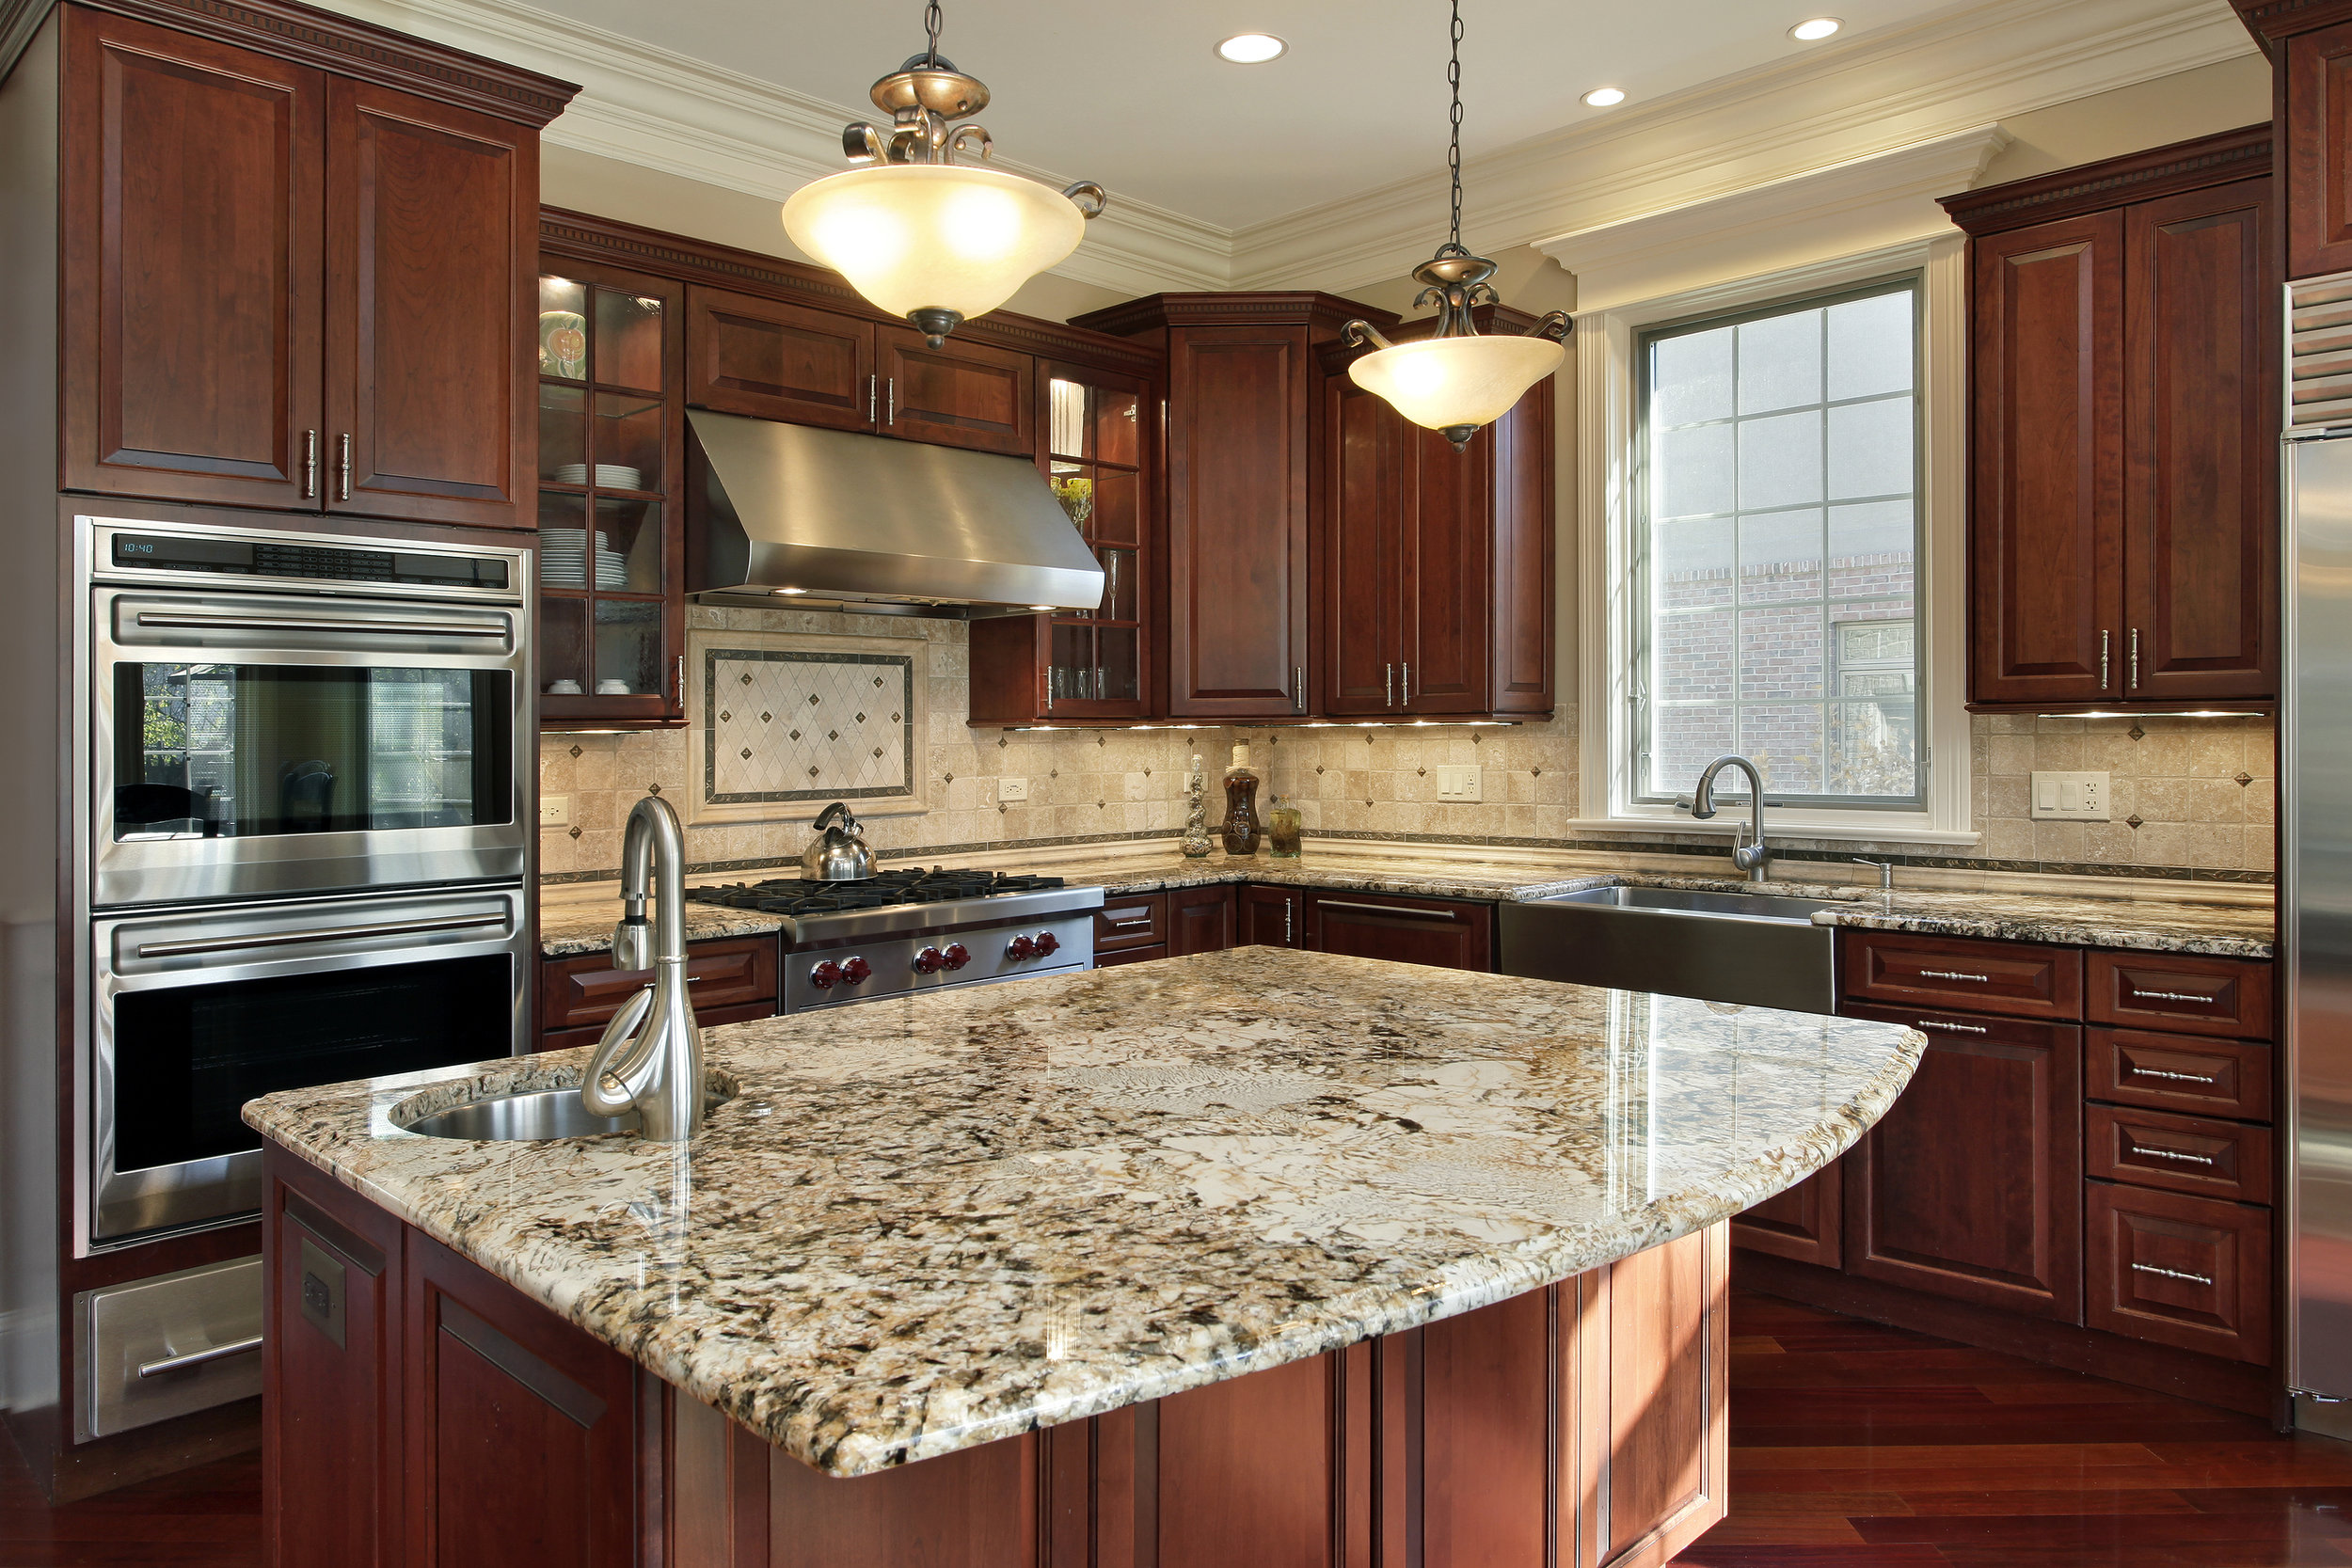 bigstock-Kitchen-interior-with-large-ru-81082841.jpg